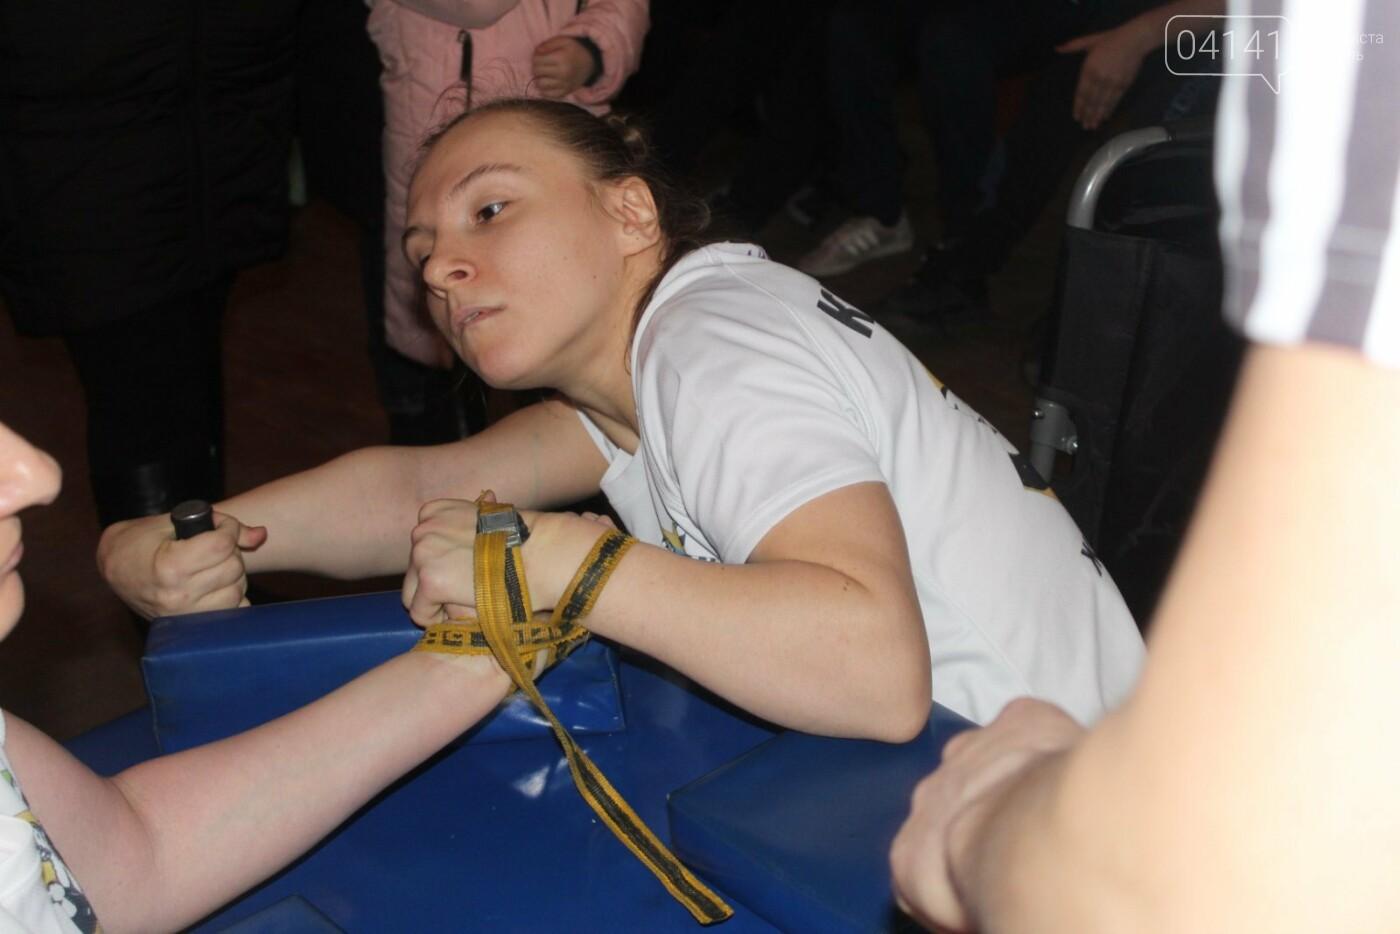 Як у Новограді проходив чемпіонат з армспорту серед людей з інвалідністю (ФОТО, ВІДЕО), фото-1